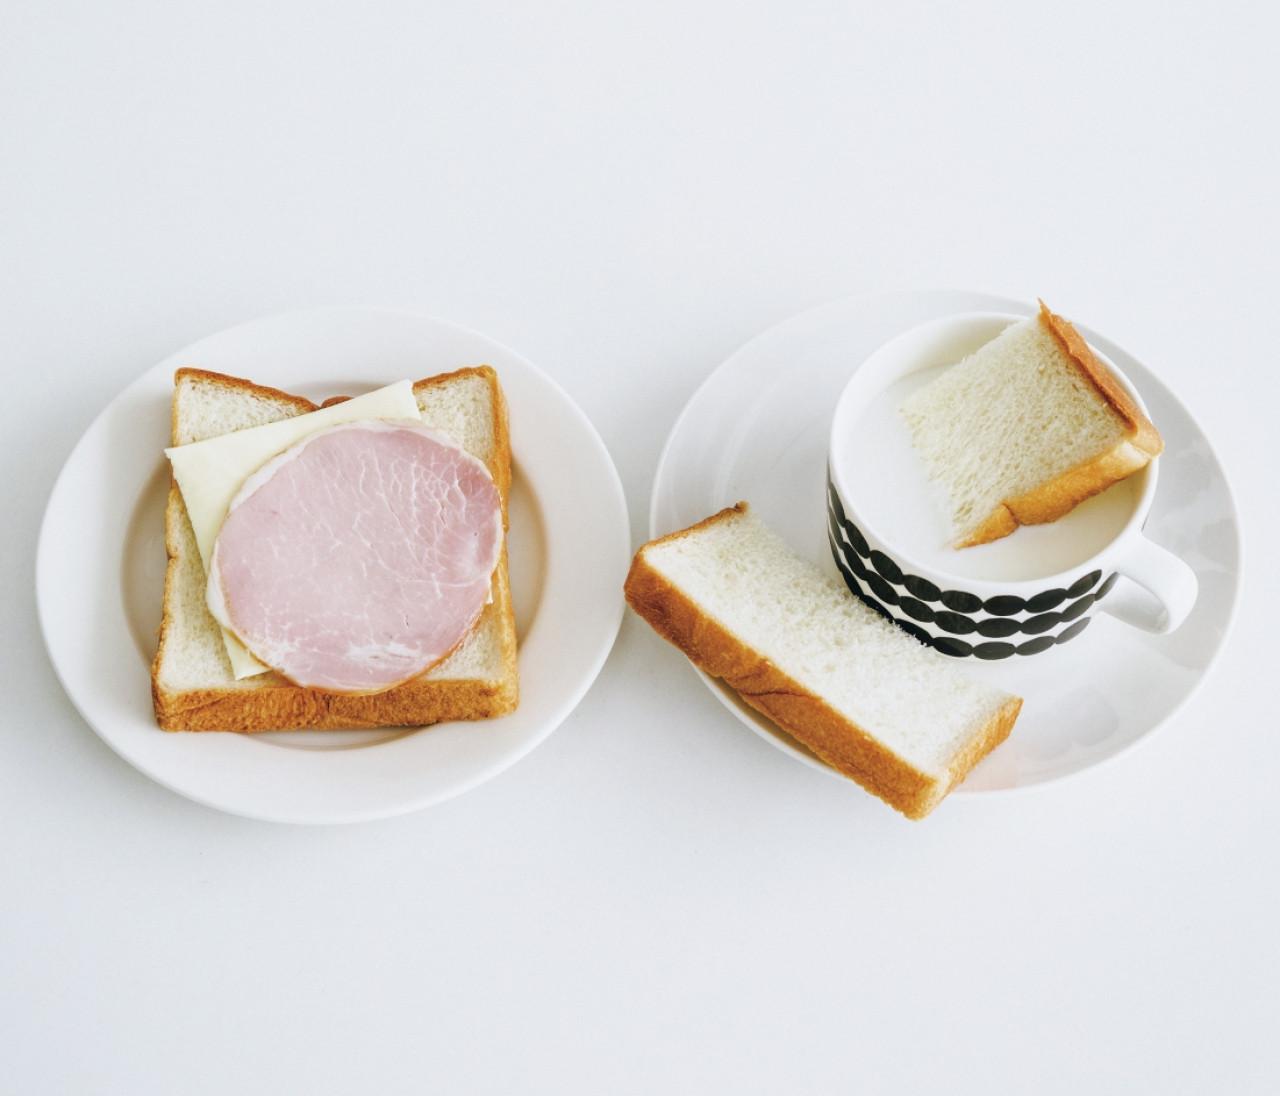 パンラバーズの美味しい&おしゃれな食パンアレンジ12選【あの人がパンにのせているもの まとめ】